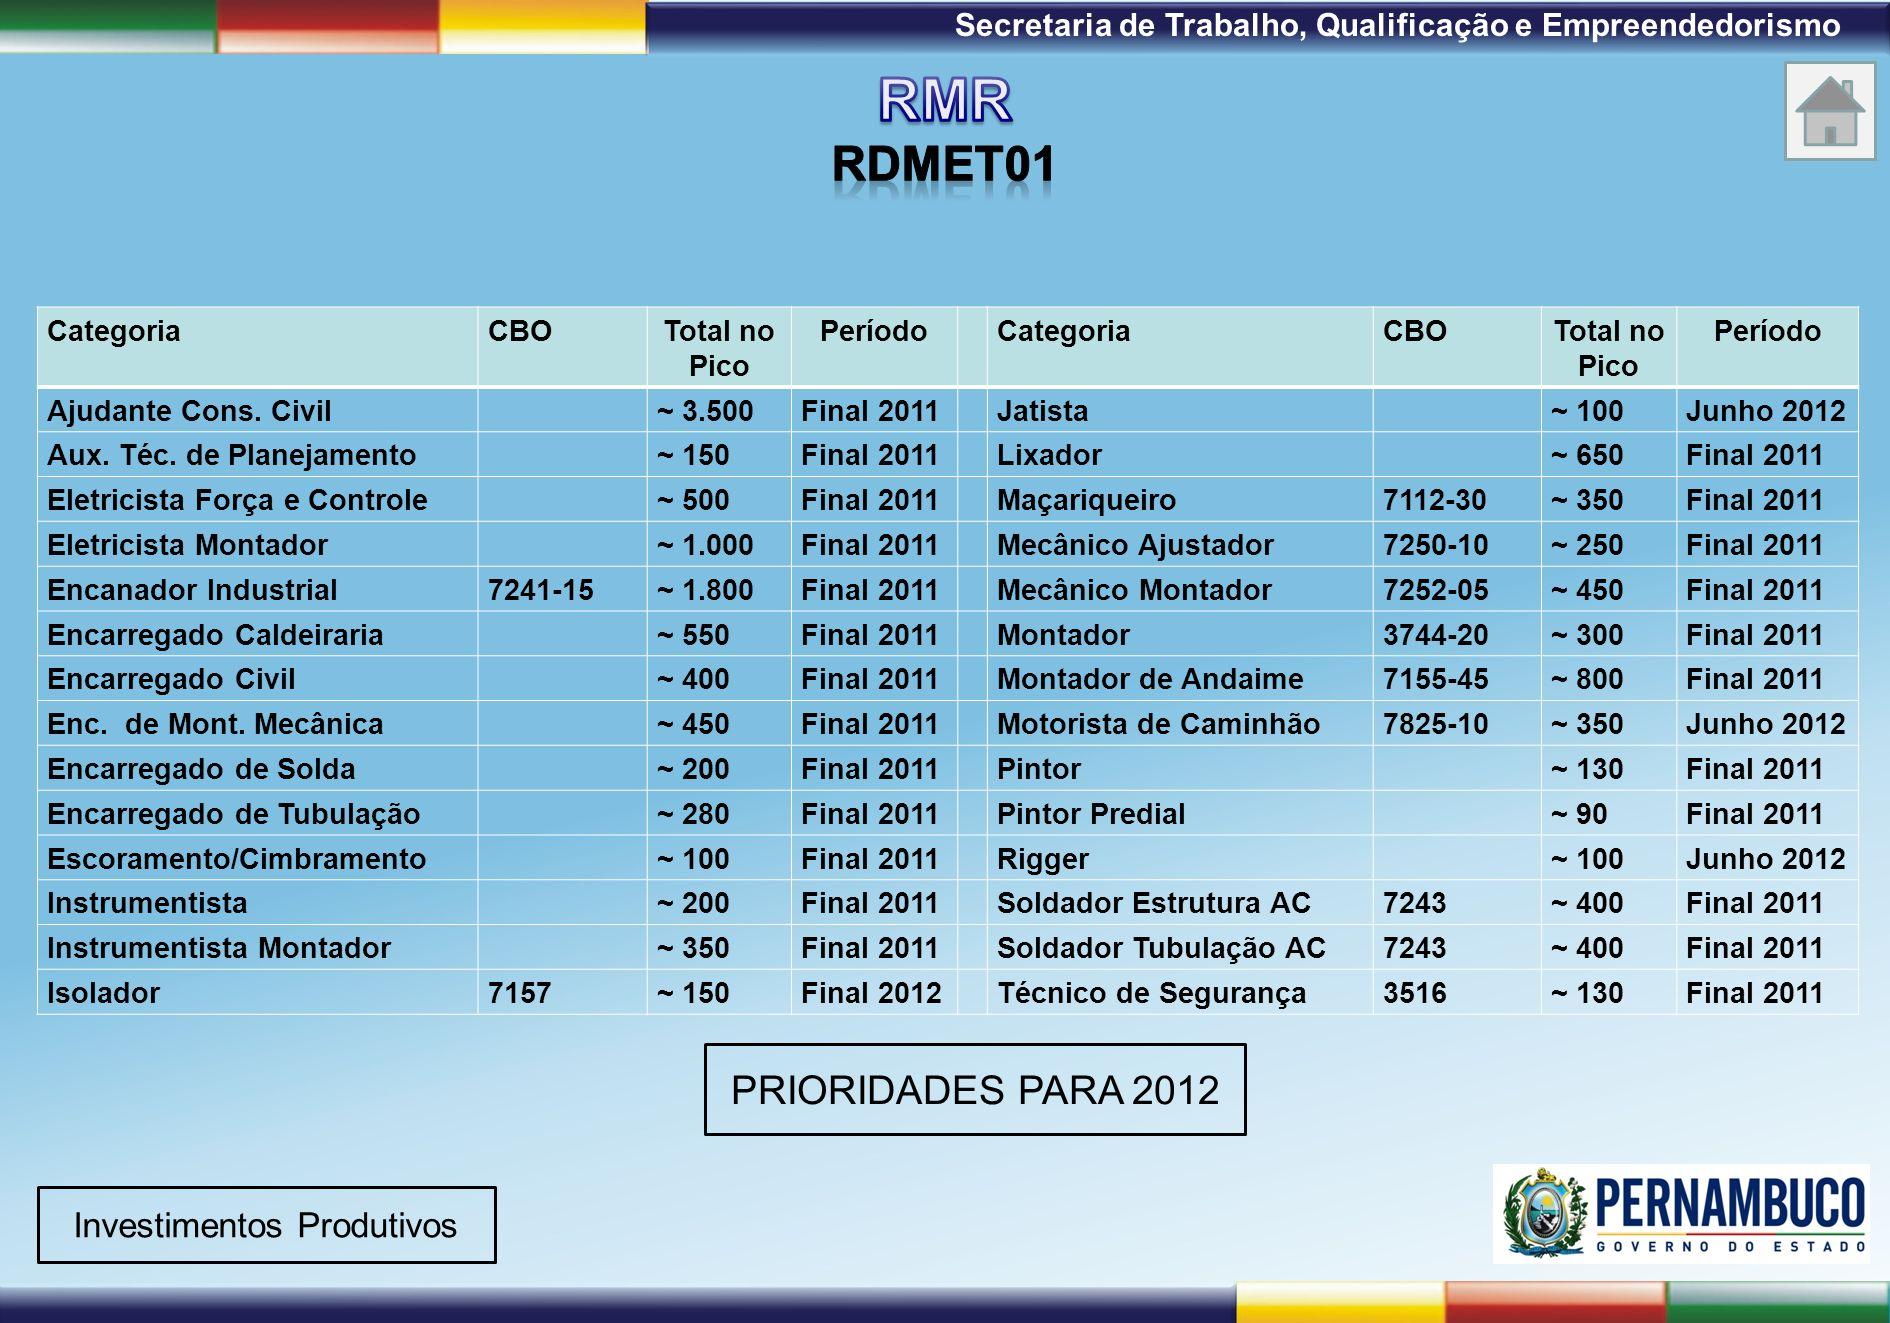 1ª Reunião de Monitoramento 2009 – 31/03/09 Secretaria de Trabalho, Qualificação e Empreendedorismo CategoriaCBOTotal no Pico PeríodoCategoriaCBOTotal